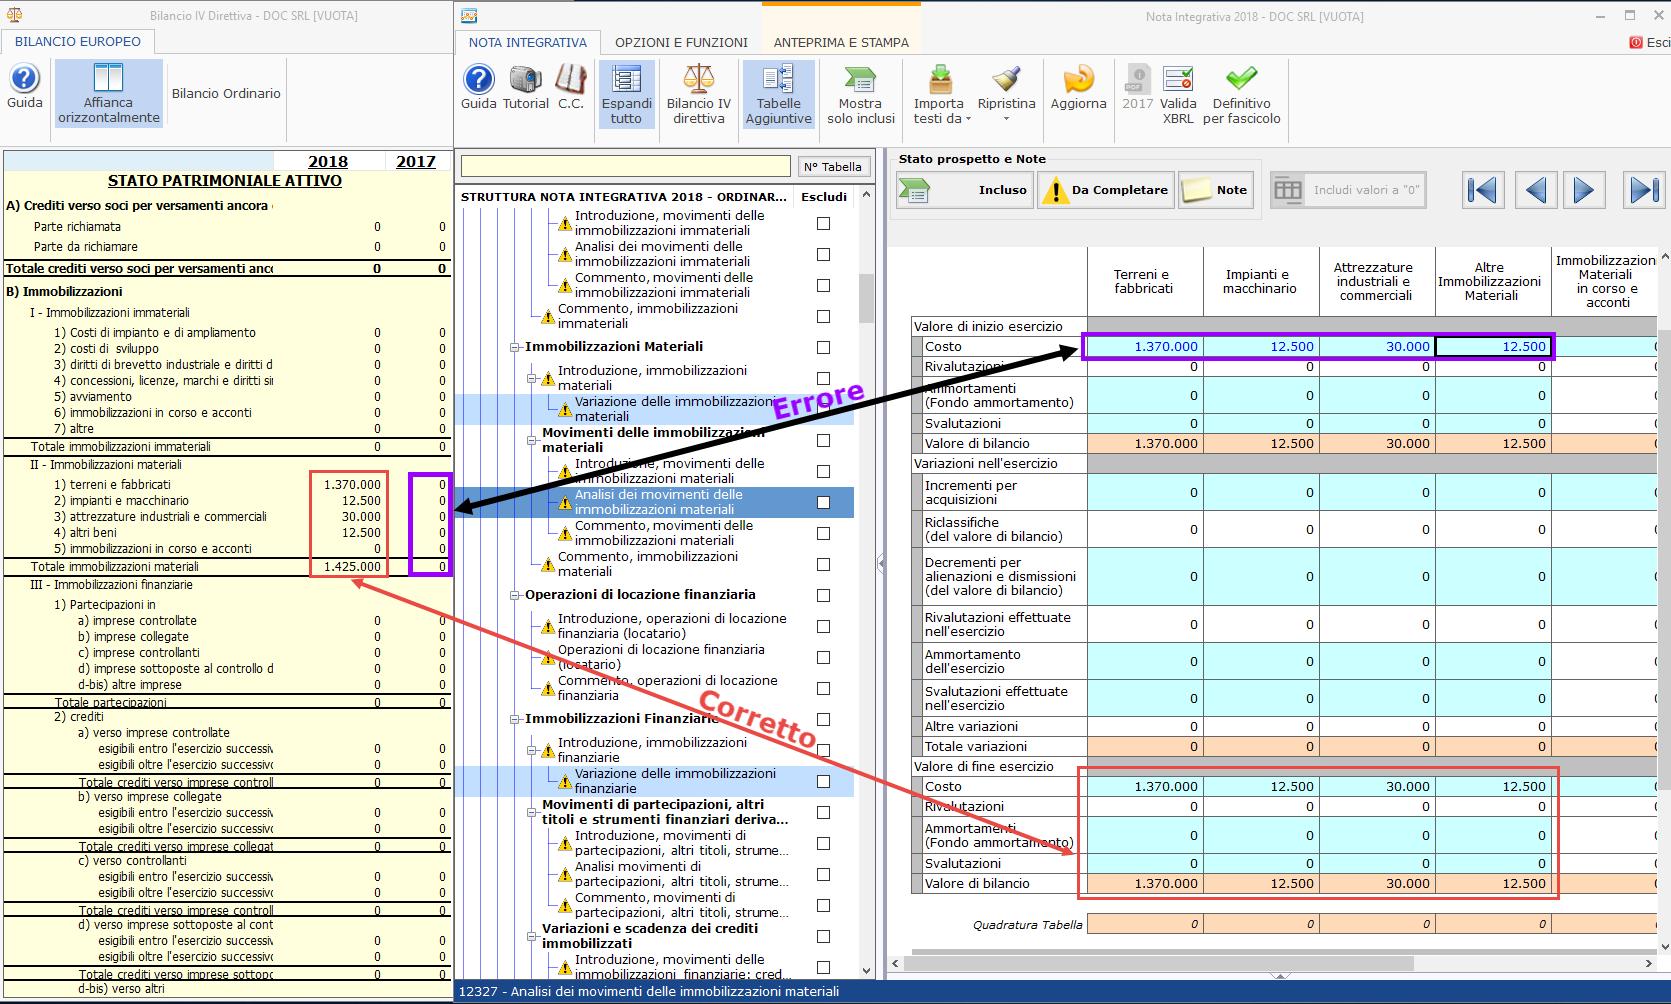 Bilancio XBRL: errori di validazione più frequenti - 13